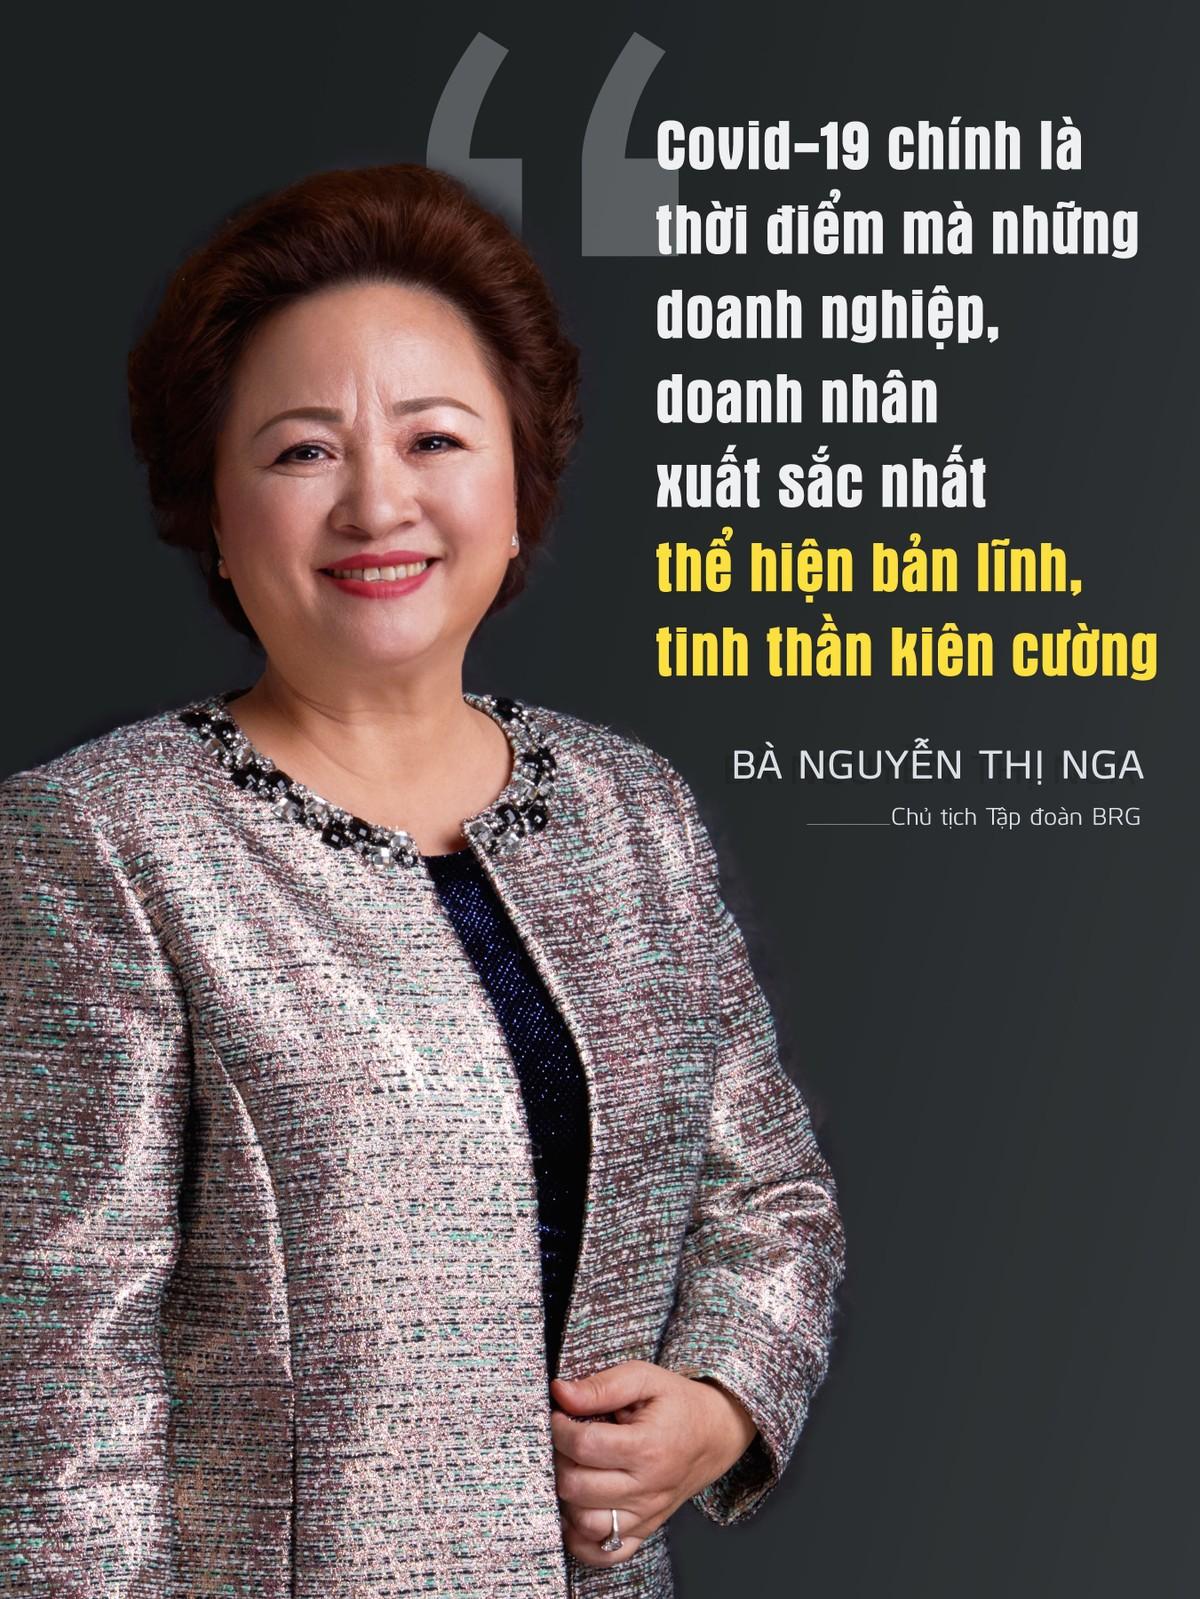 ABA 2020 tôn vinh những giá trị đáng quý nhất của doanh nghiệp ASEAN ảnh 2